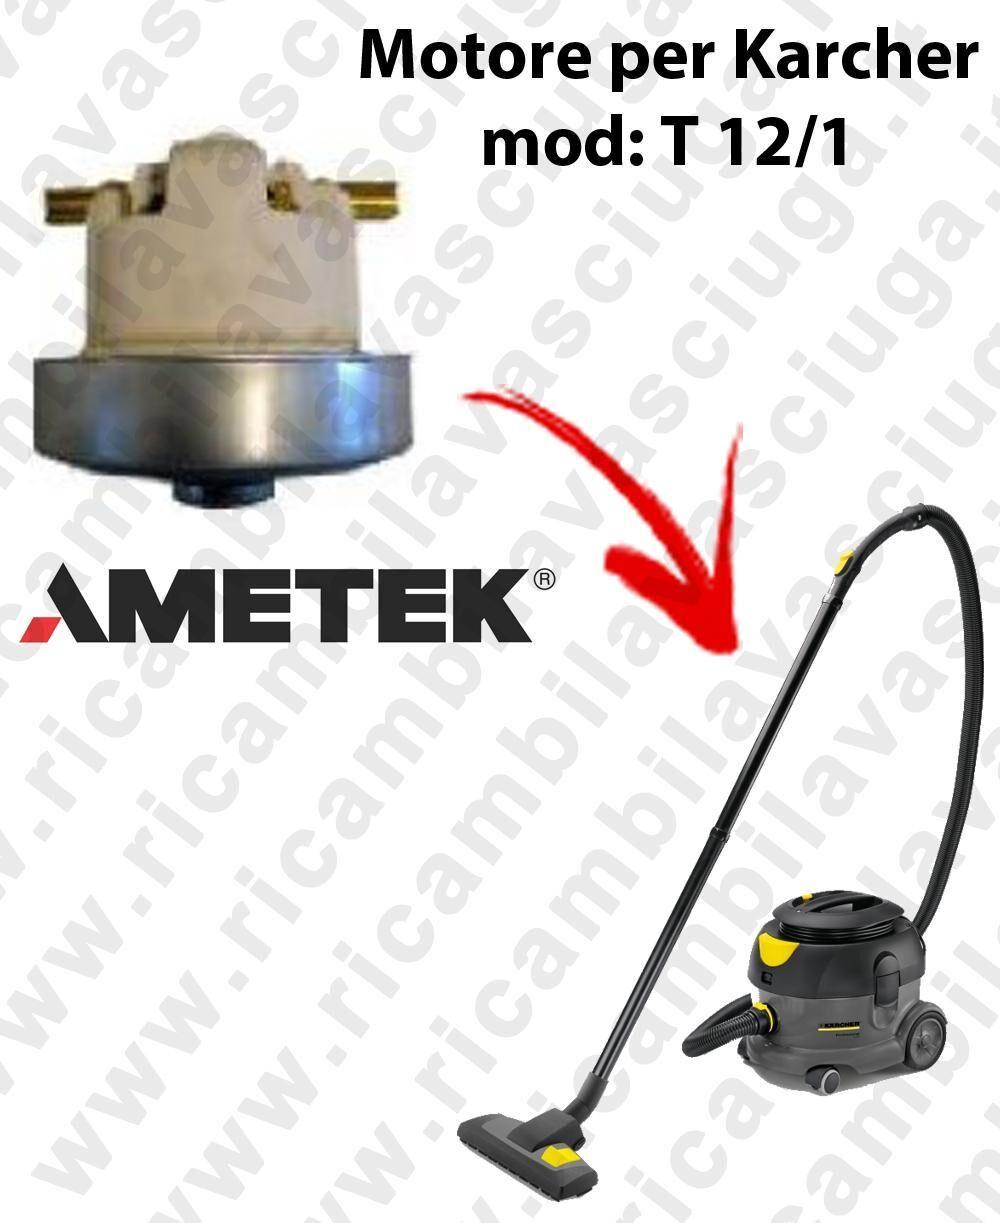 Karcher T 12/1 Motore aspirazione AMETEK per aspirapolvere